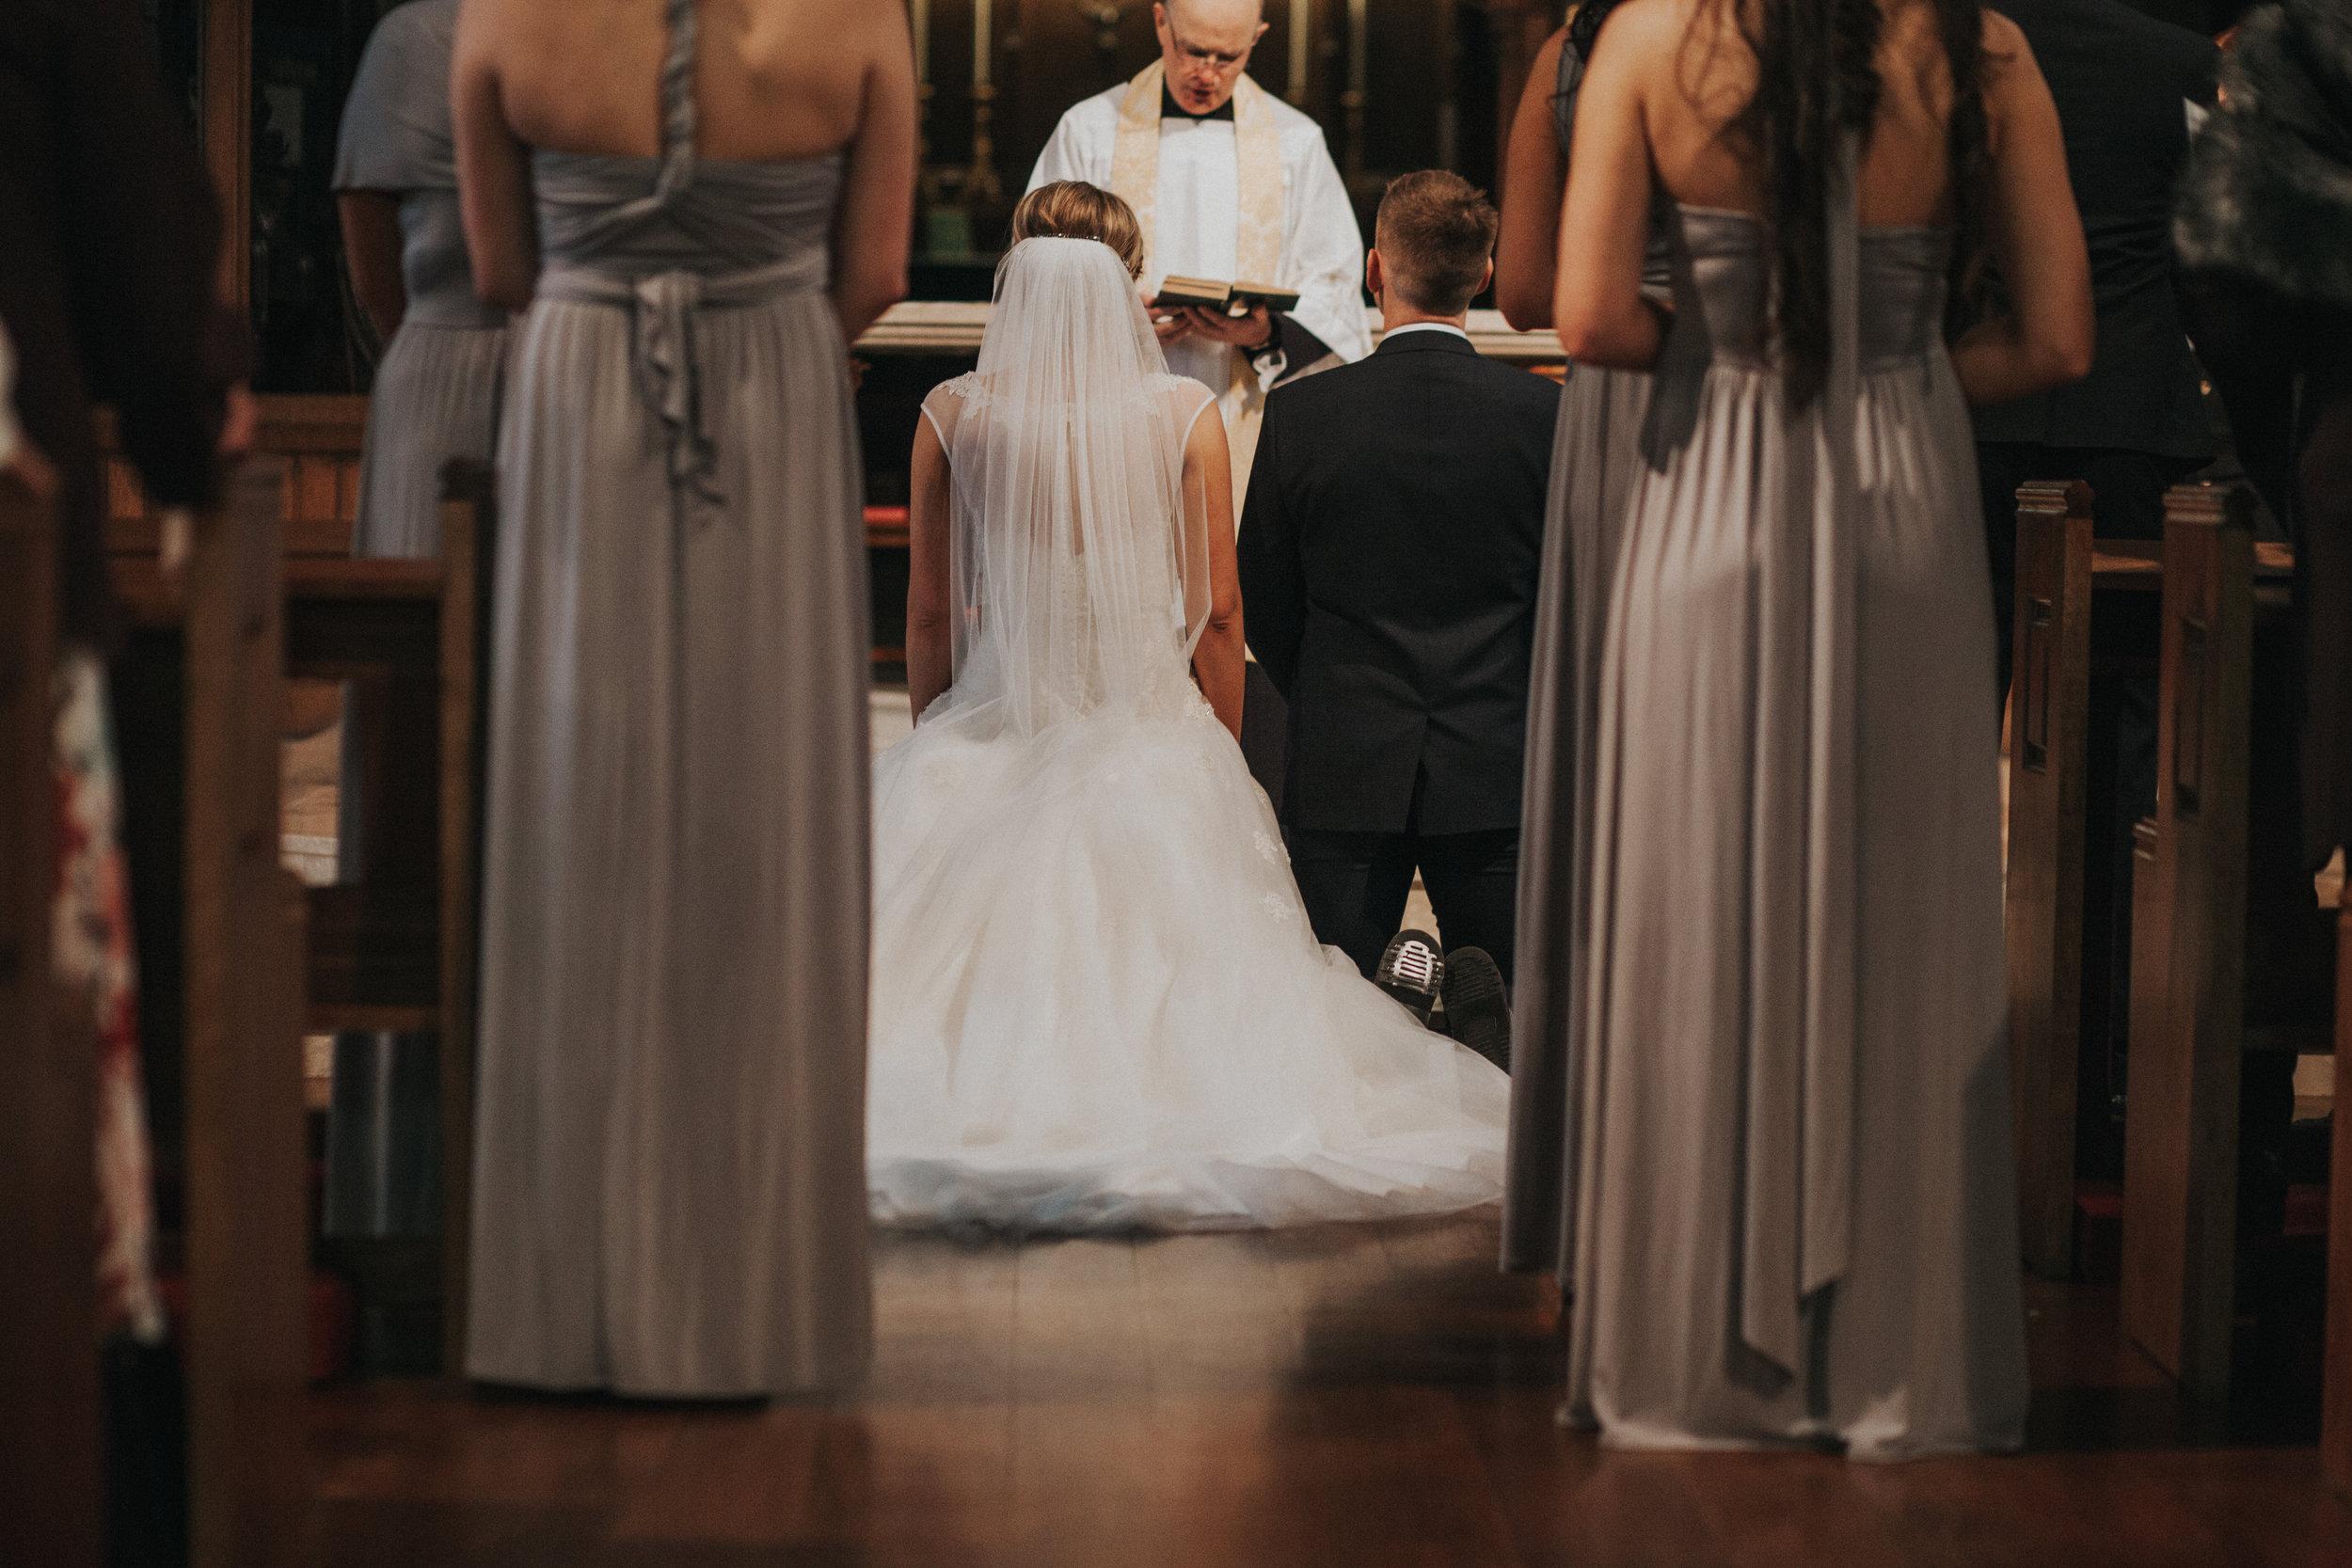 kneel at altar